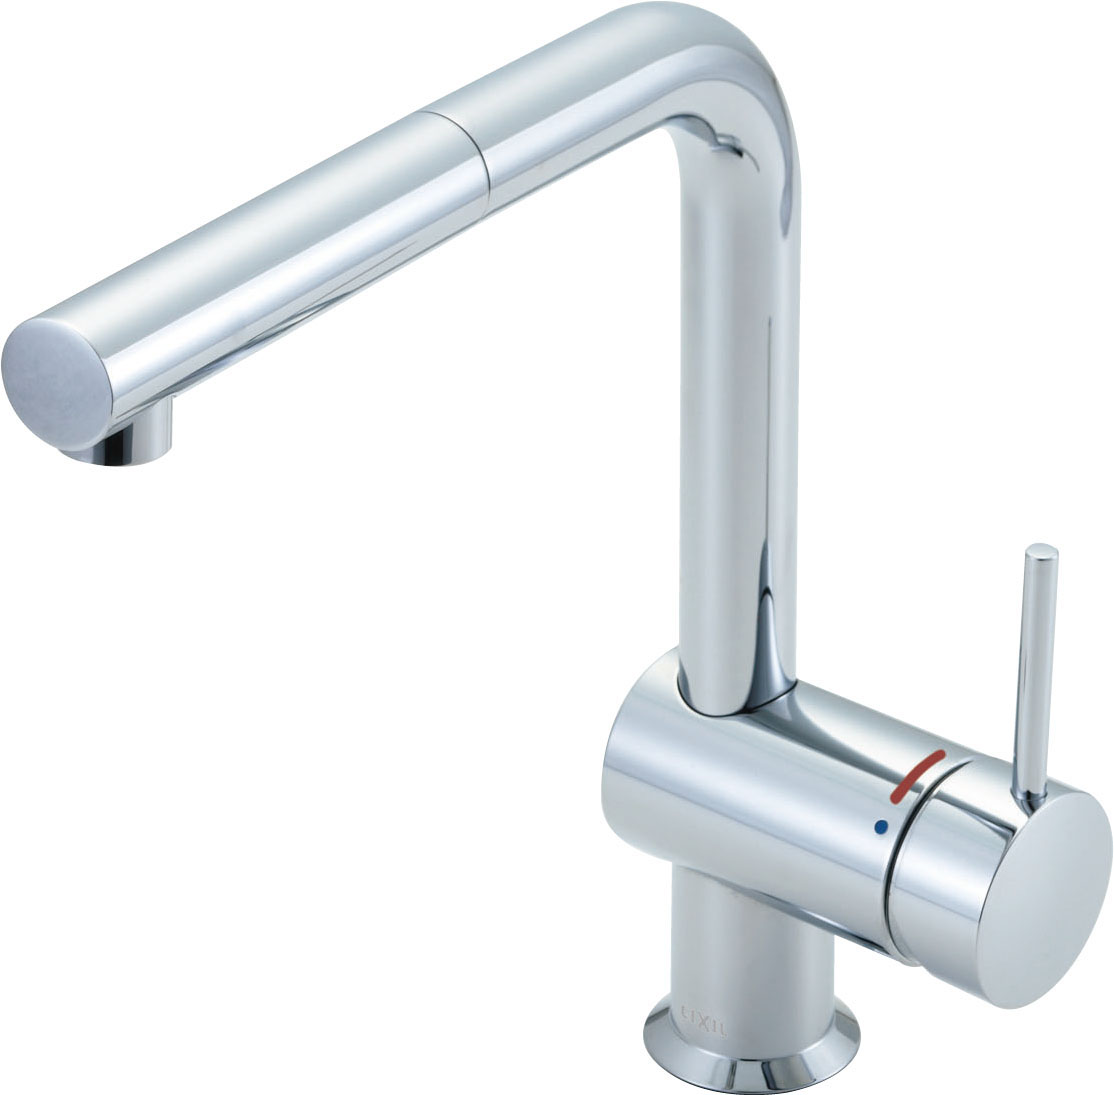 【送料無料】LIXIL(INAX) イナックス SF-E546SY キッチン用水栓金具(吐水口引出式) eモダン(Lタイプ) ホース引き出し長さ約40cm 逆止弁付 SF-546Sの後継品 キッチン用水栓金具